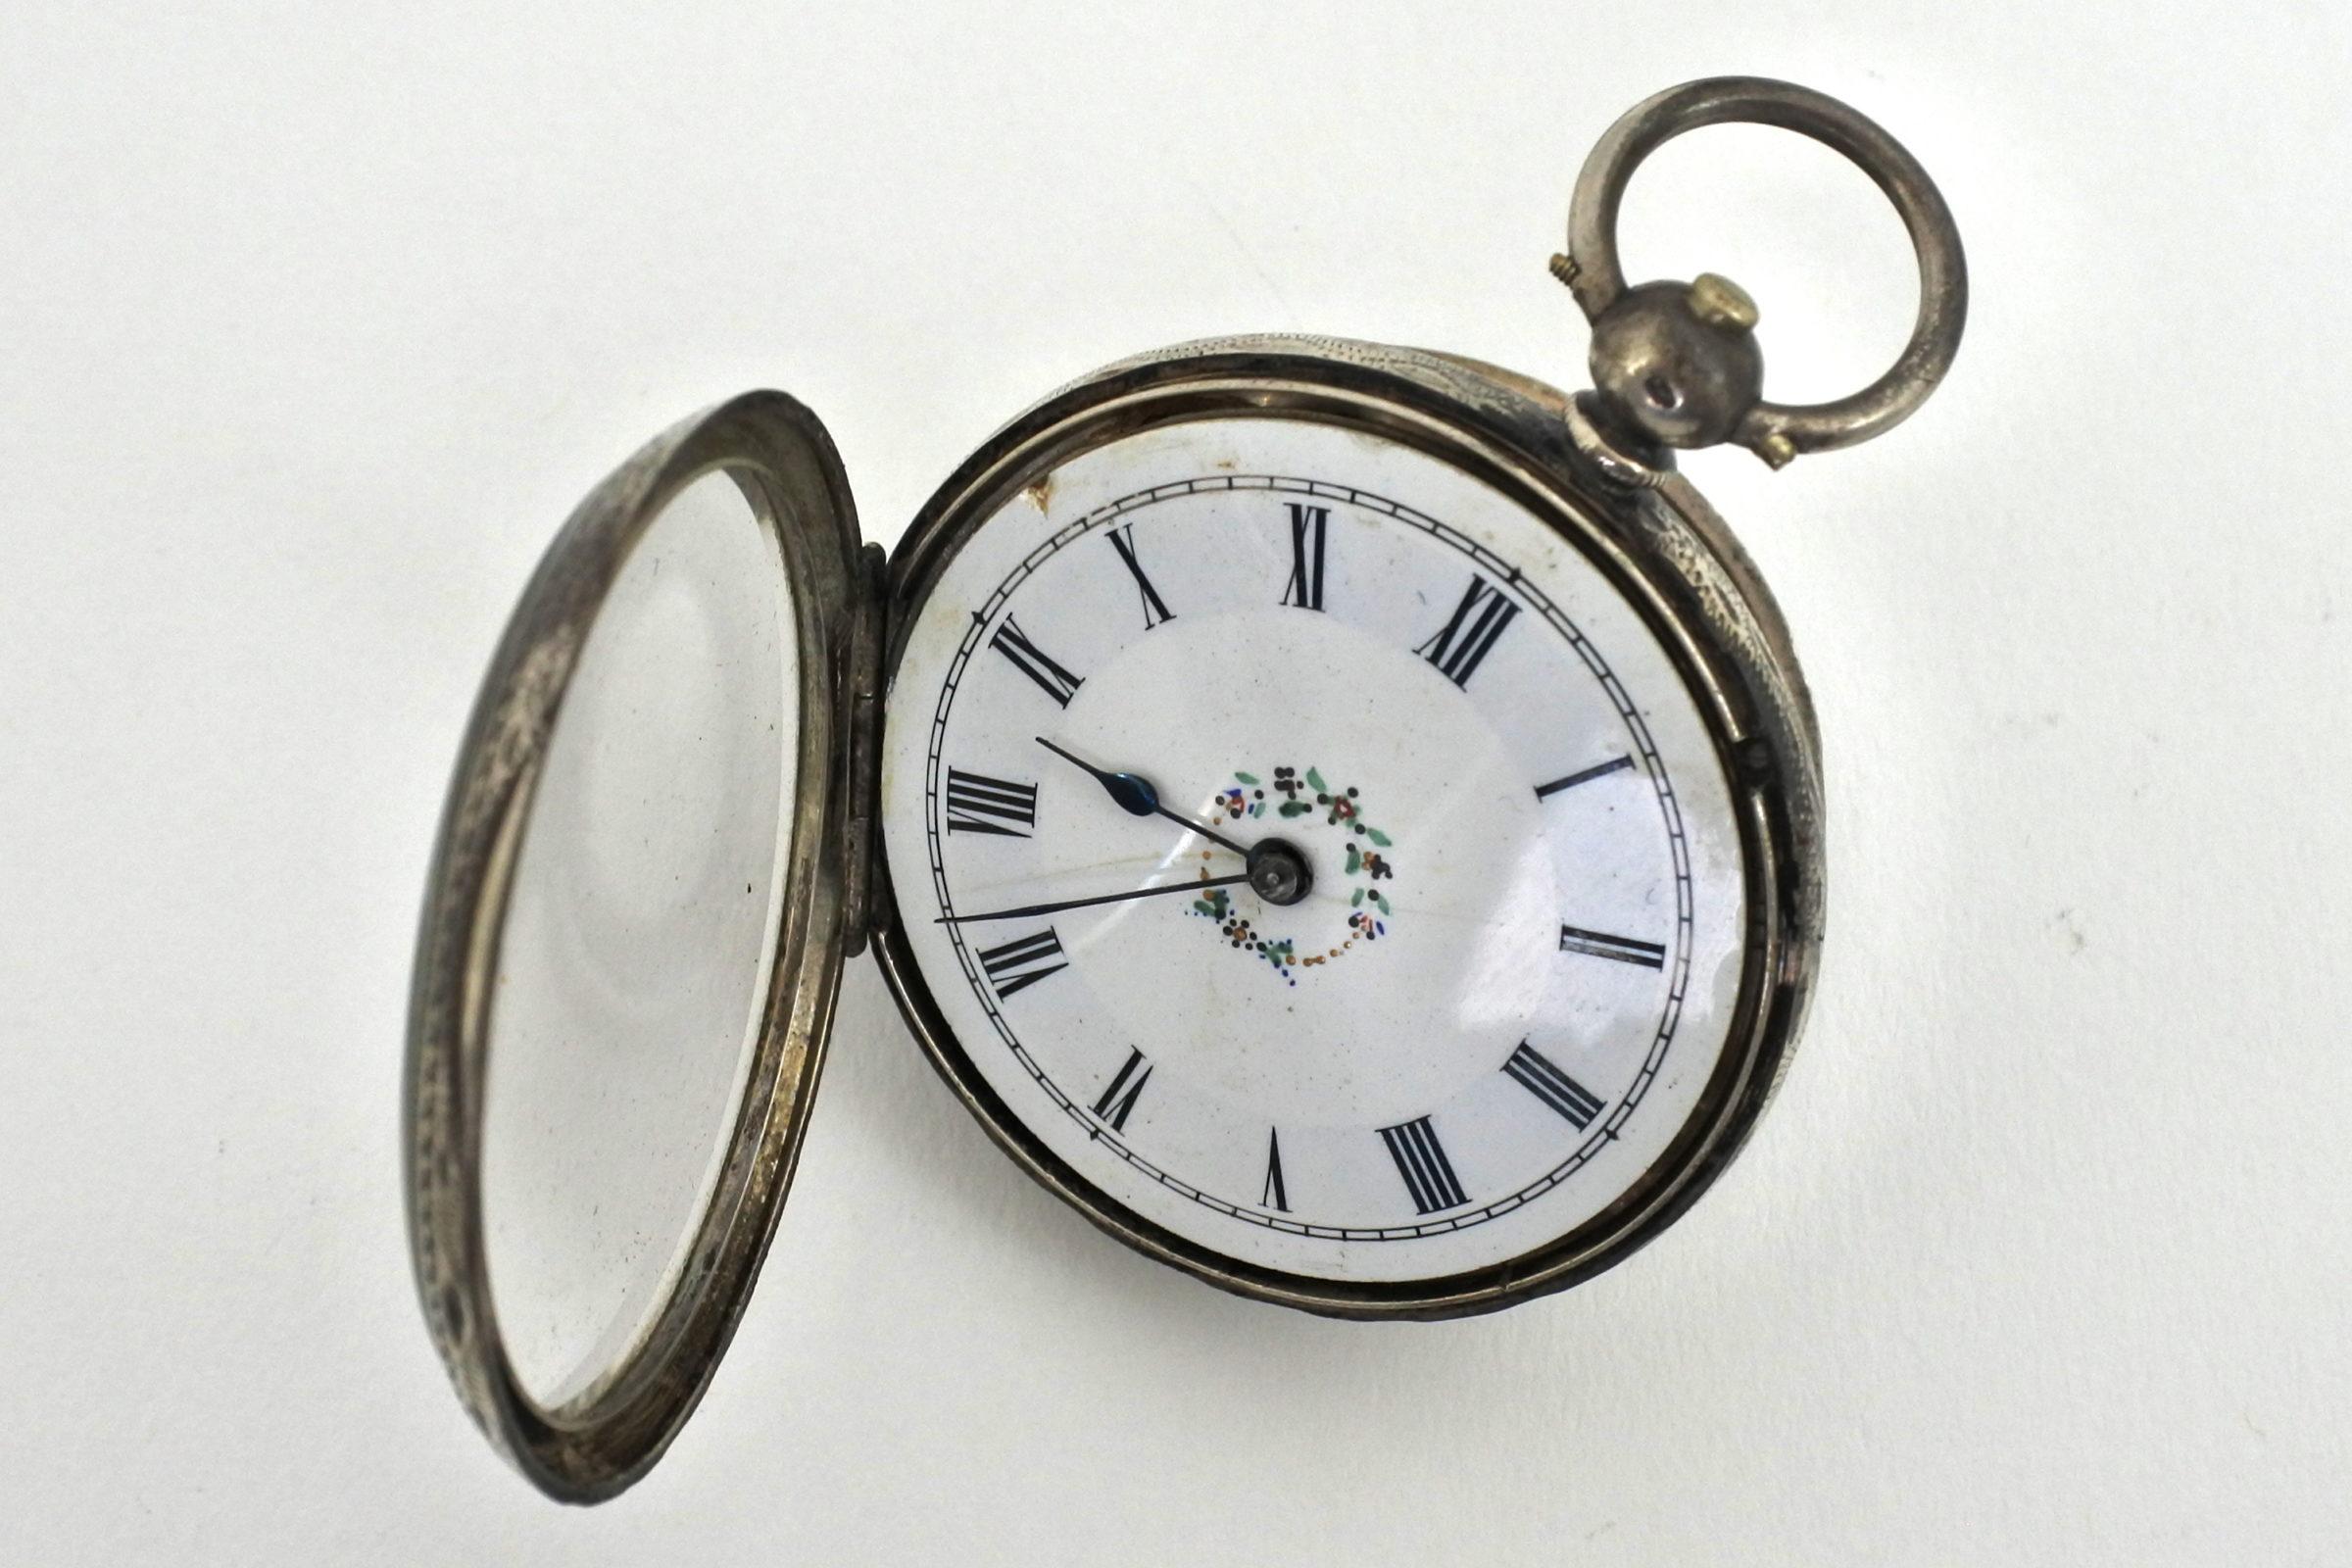 Orologio da tasca in argento con carica a chiavetta. Diametro cassa 40 mm - 4